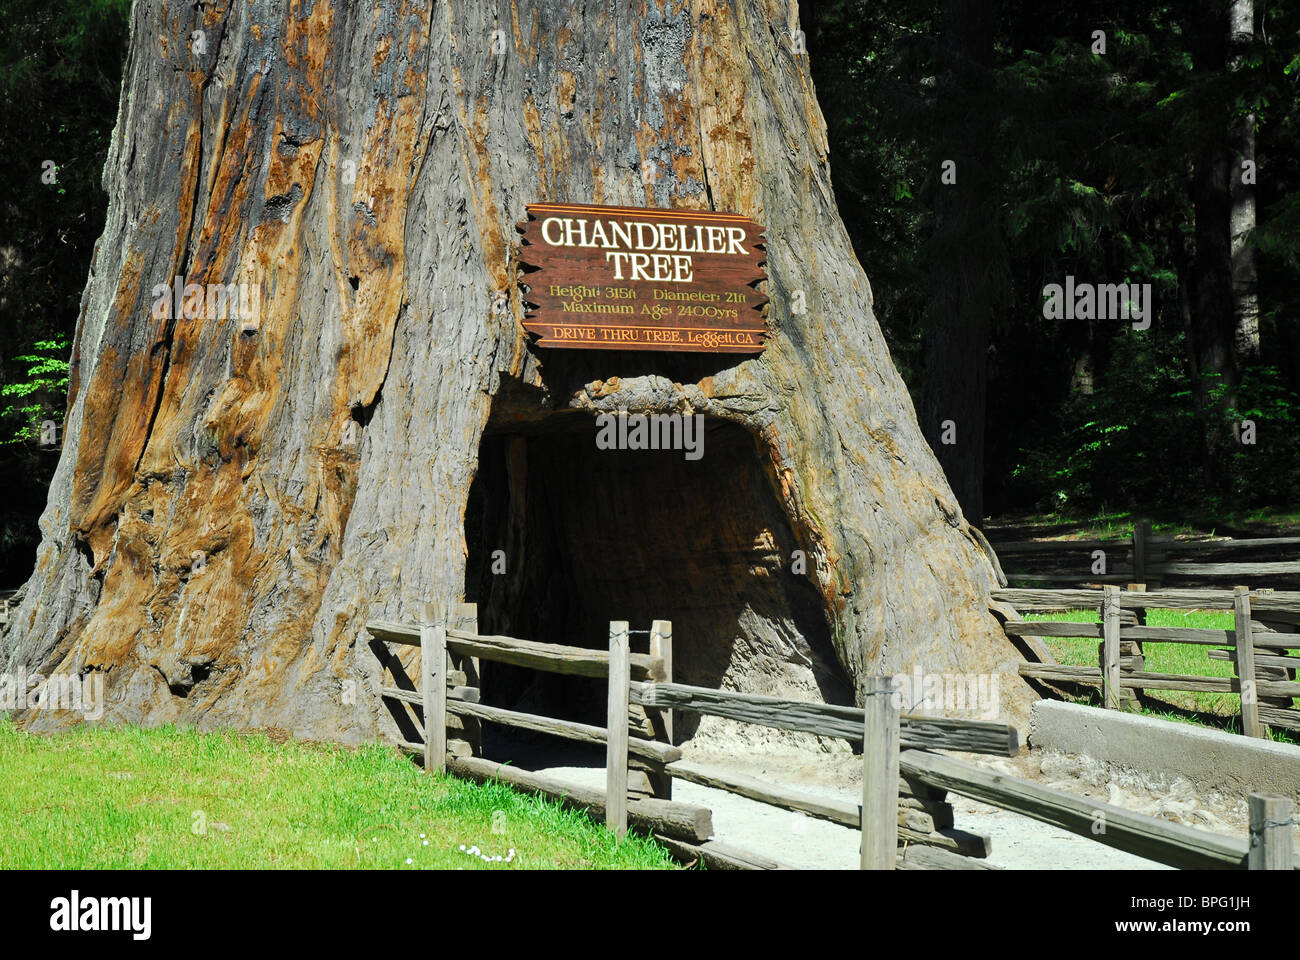 Chandelier drive thru tree near leggett california stock photo chandelier drive thru tree near leggett california arubaitofo Images